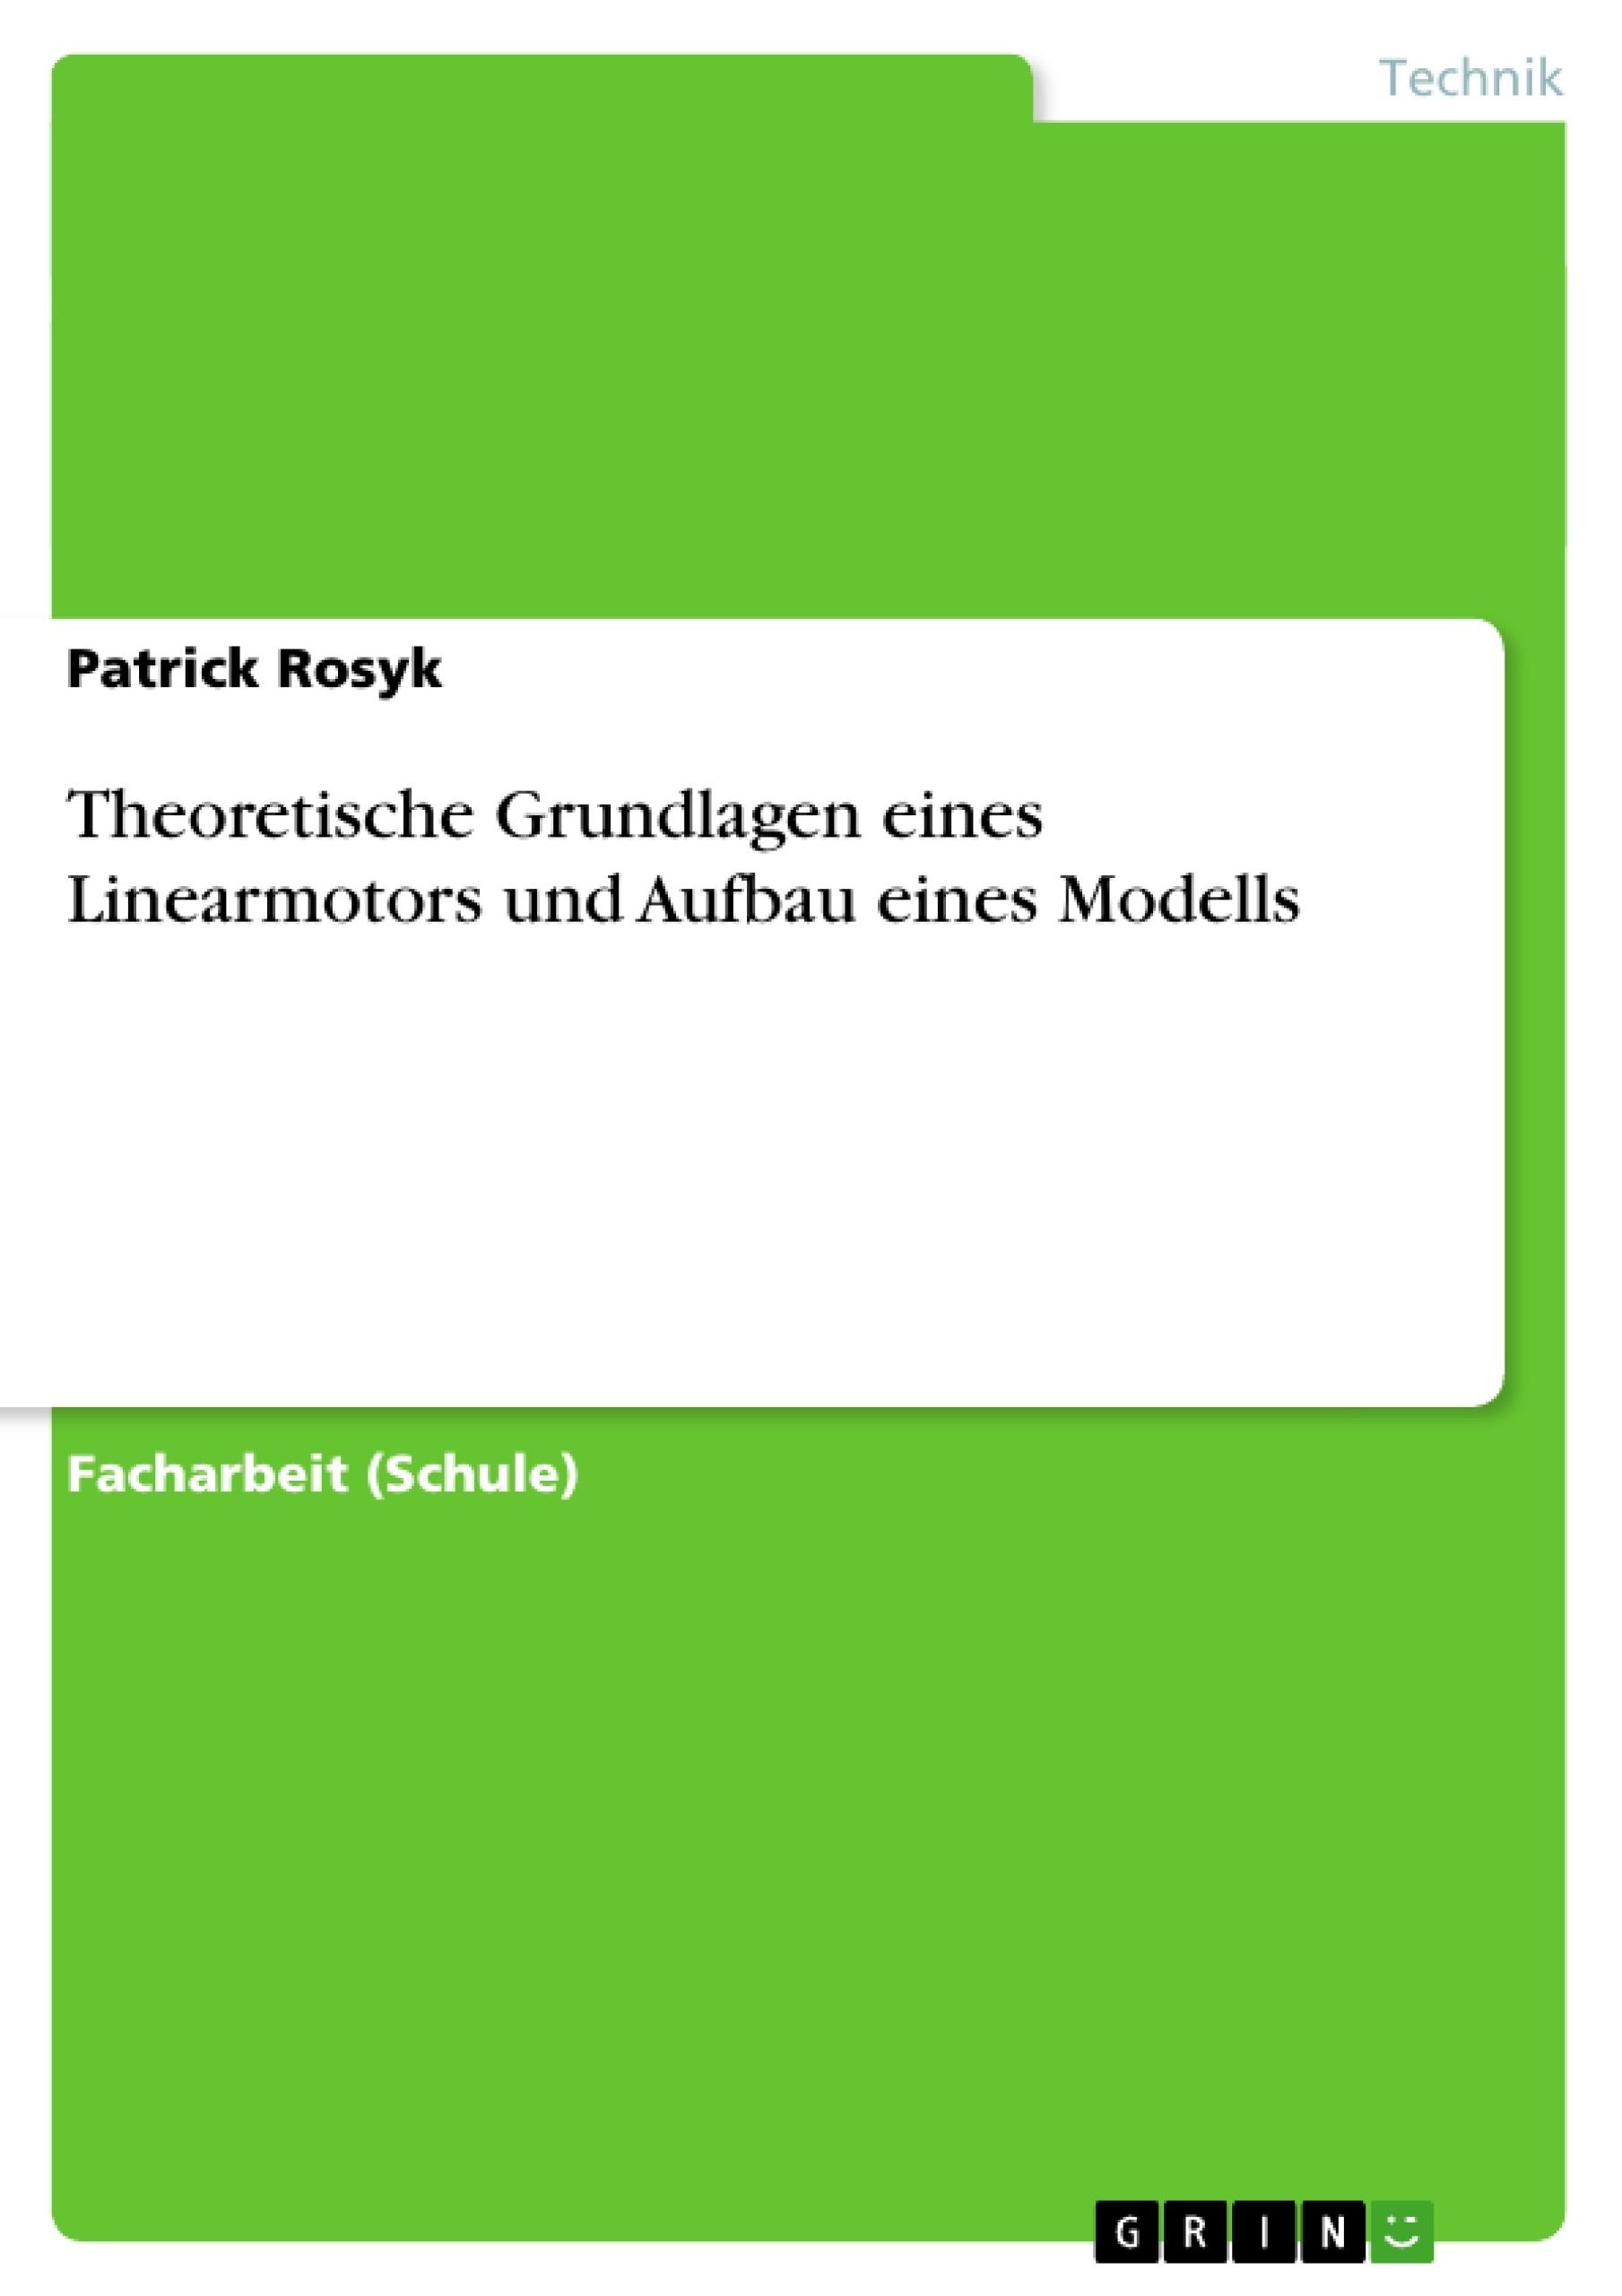 Ungewöhnlich Einzelner Schalter Mit Vier Drähten Galerie - Die ...